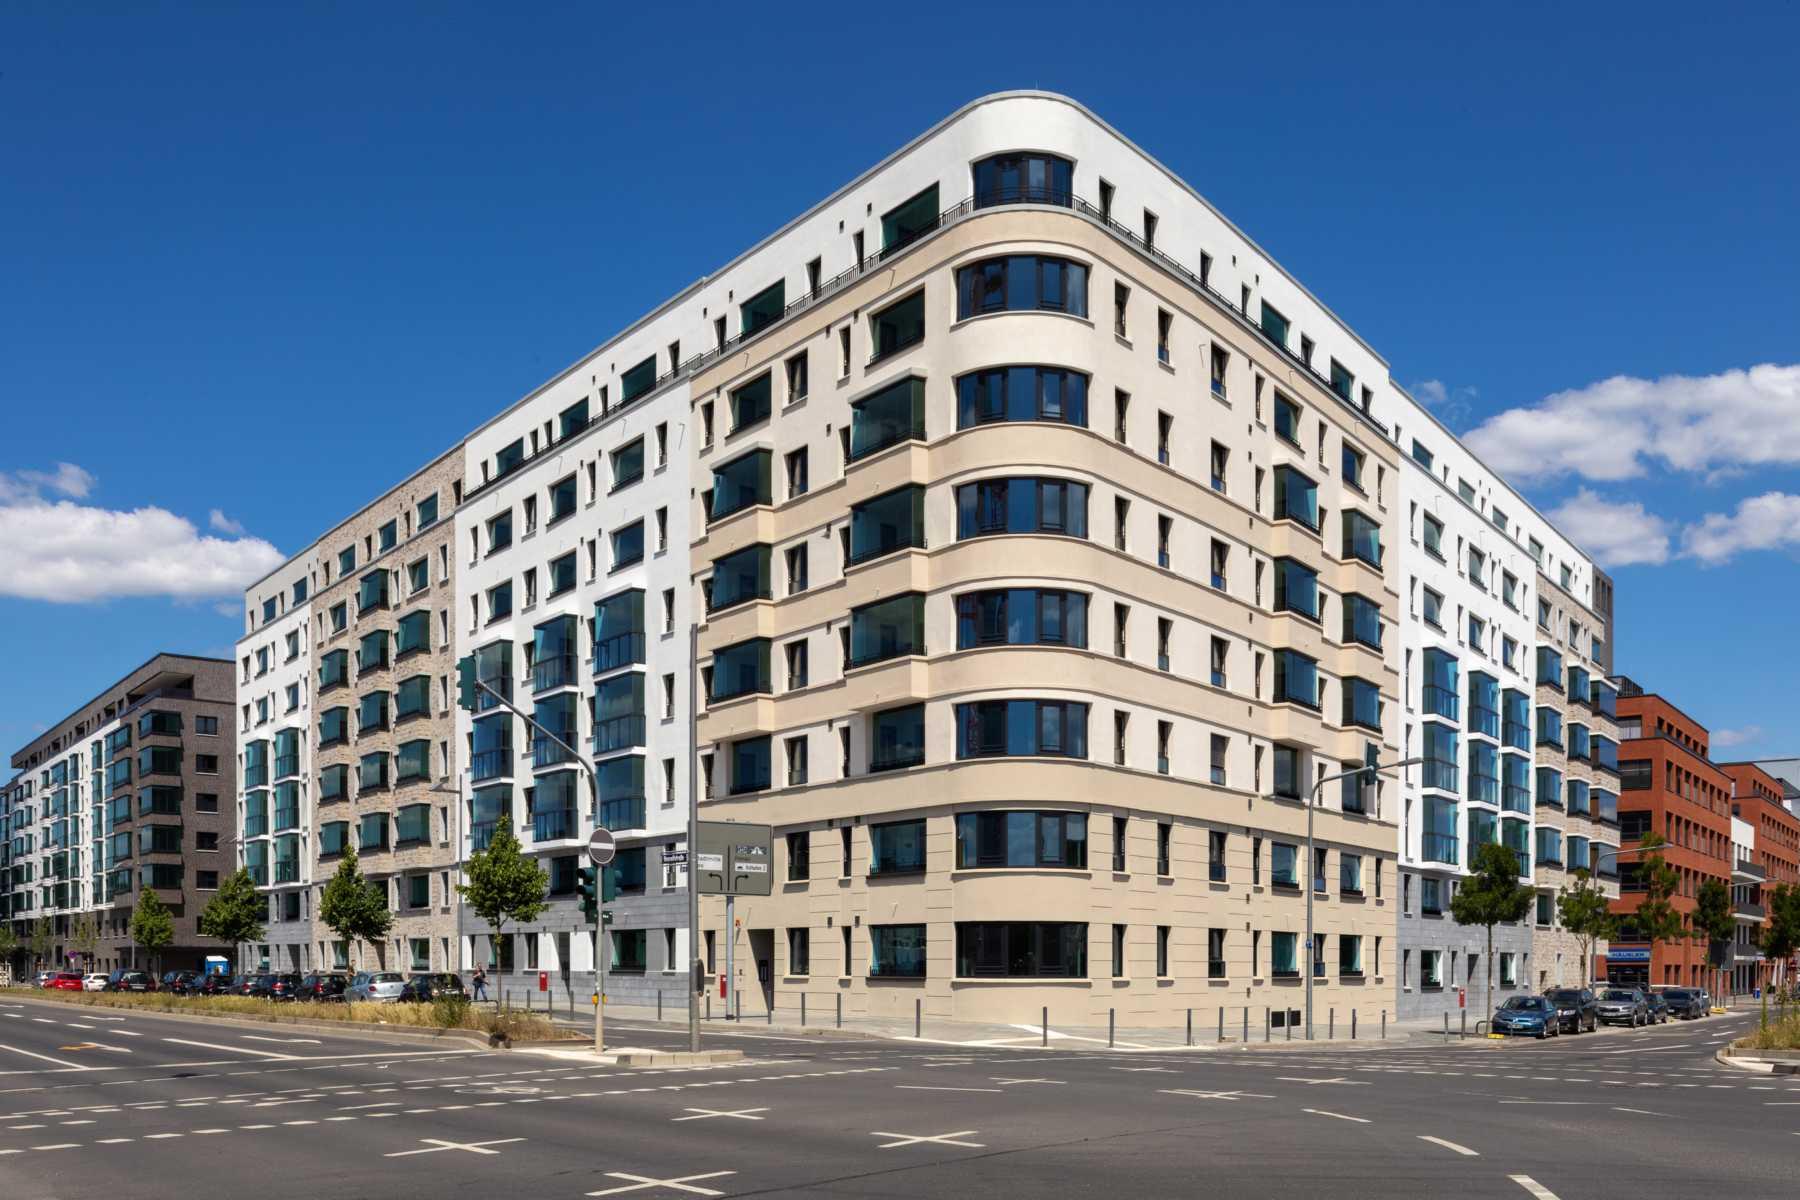 K1600_20200529_062_PBP Architekten ©DUCKEK Hafenparkquartier Herr Pastuschka__G9A4860